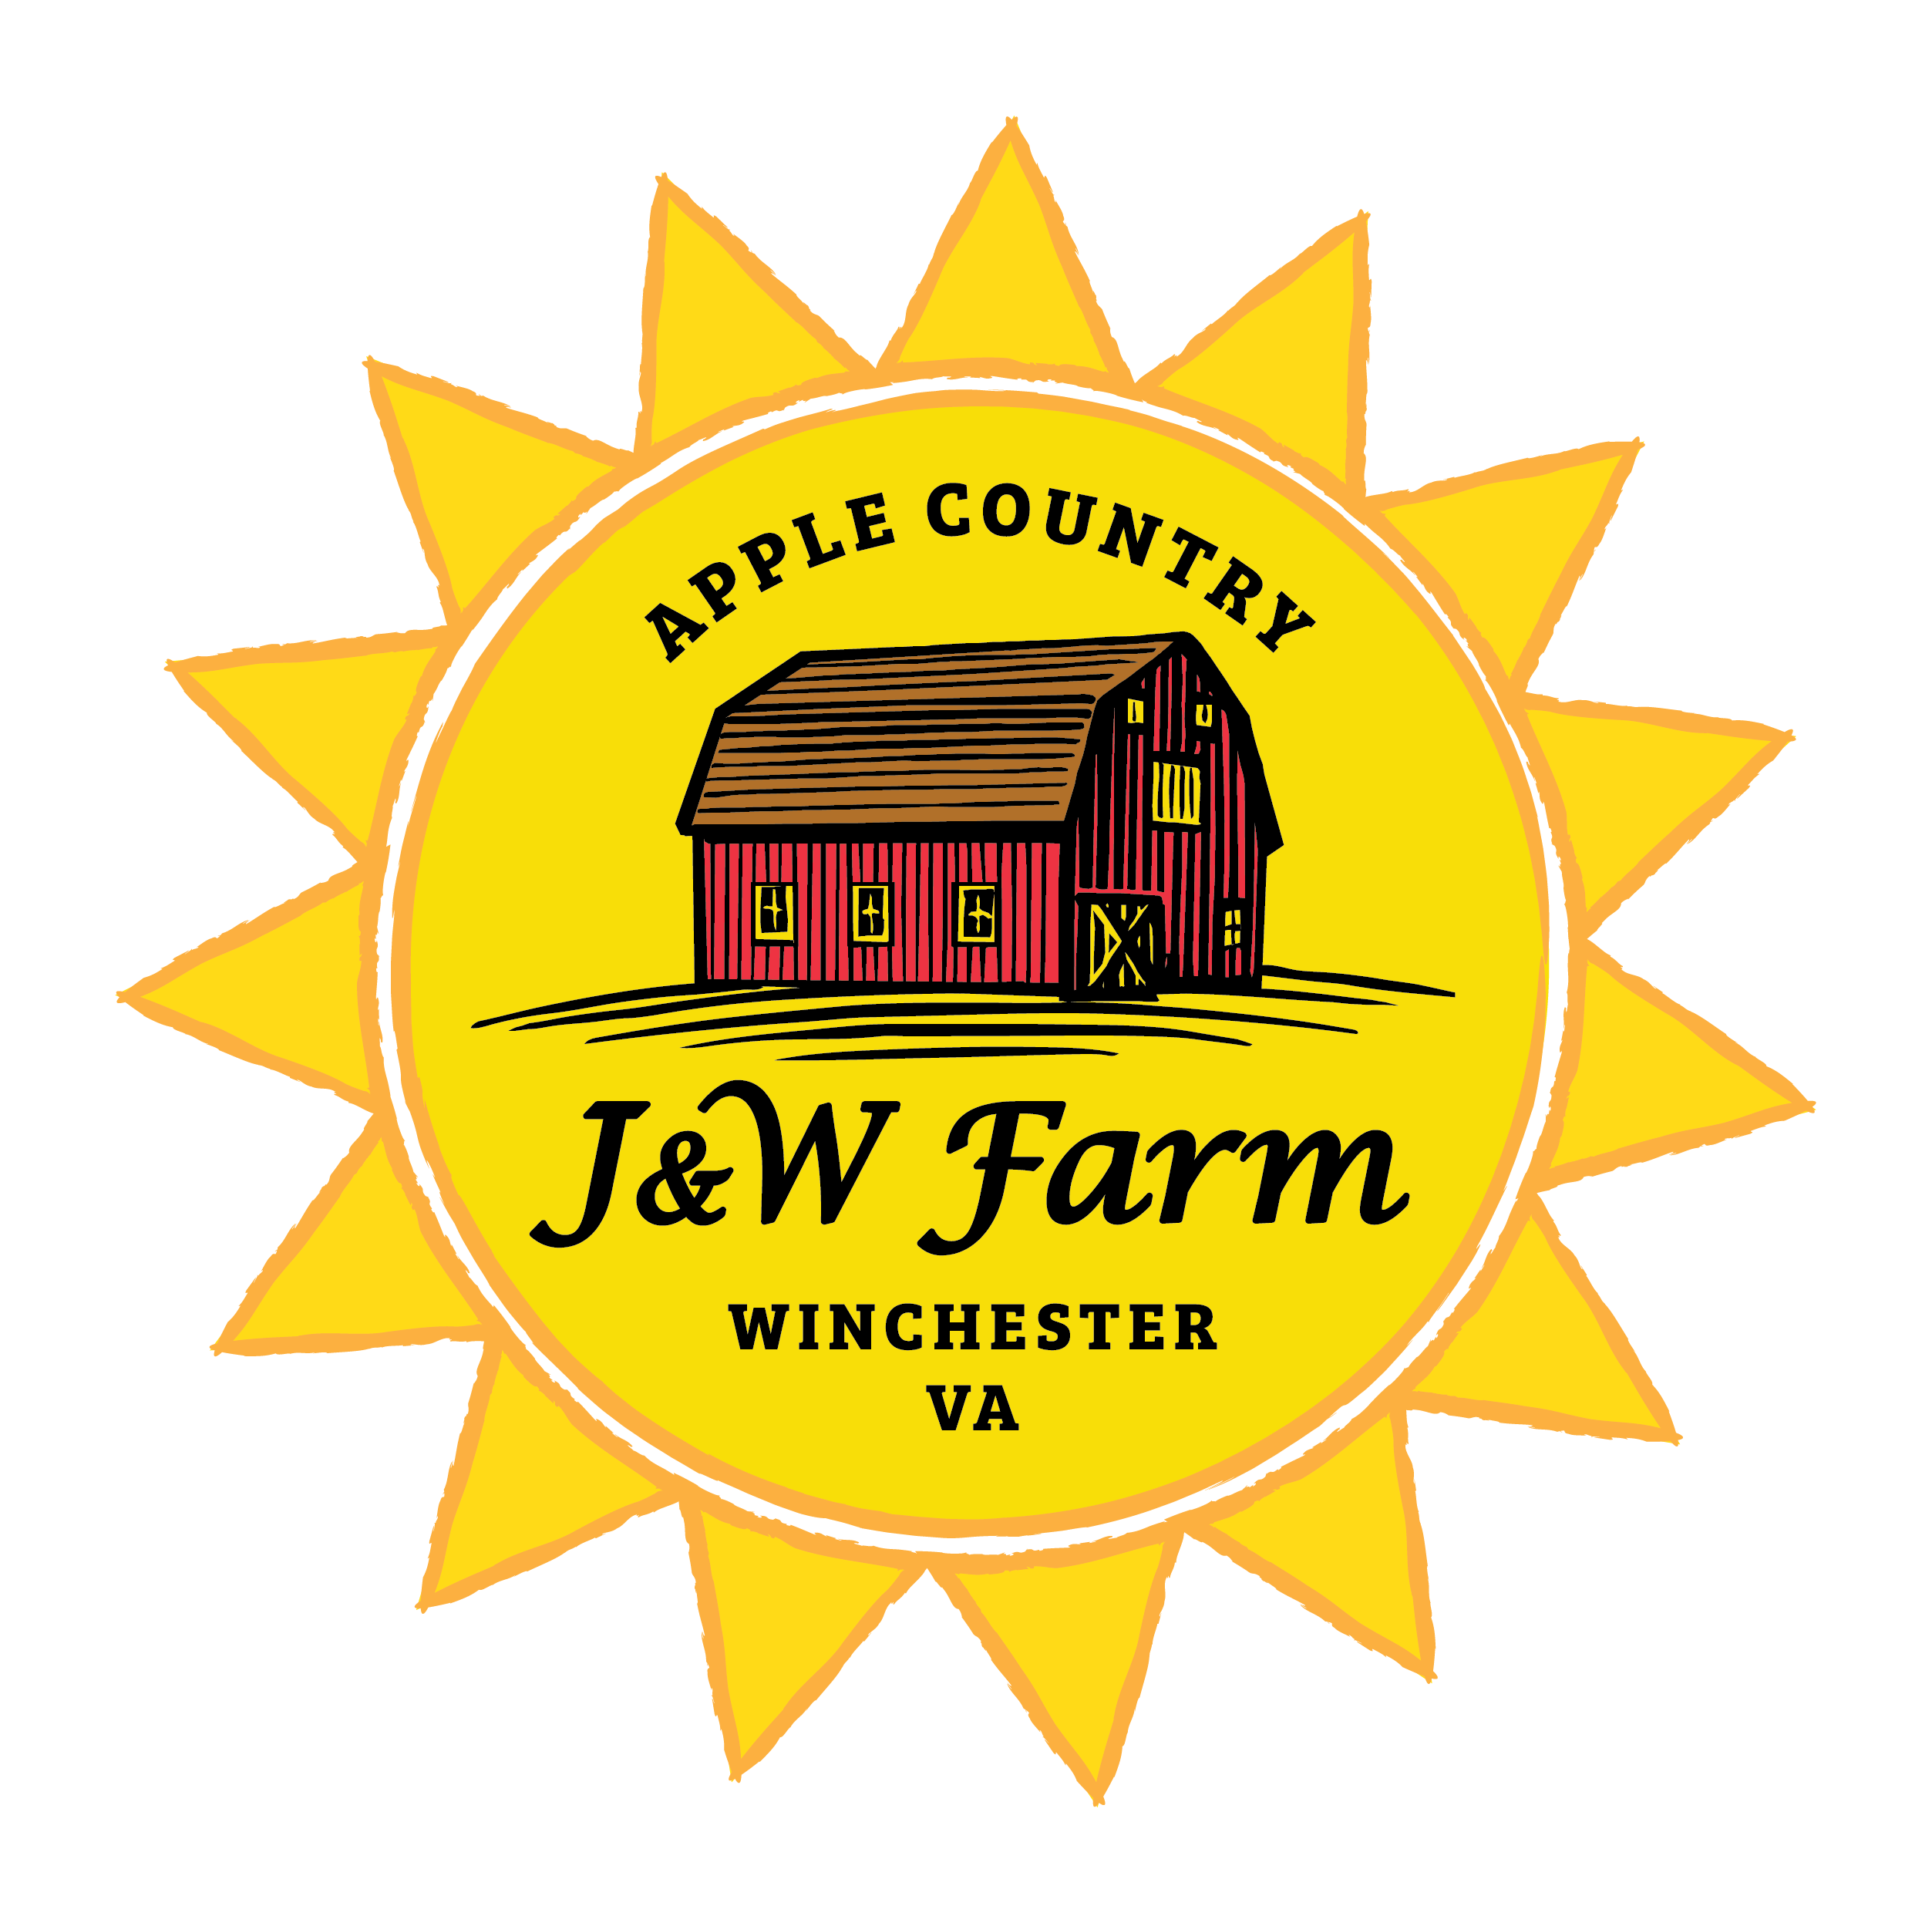 J&W Farm